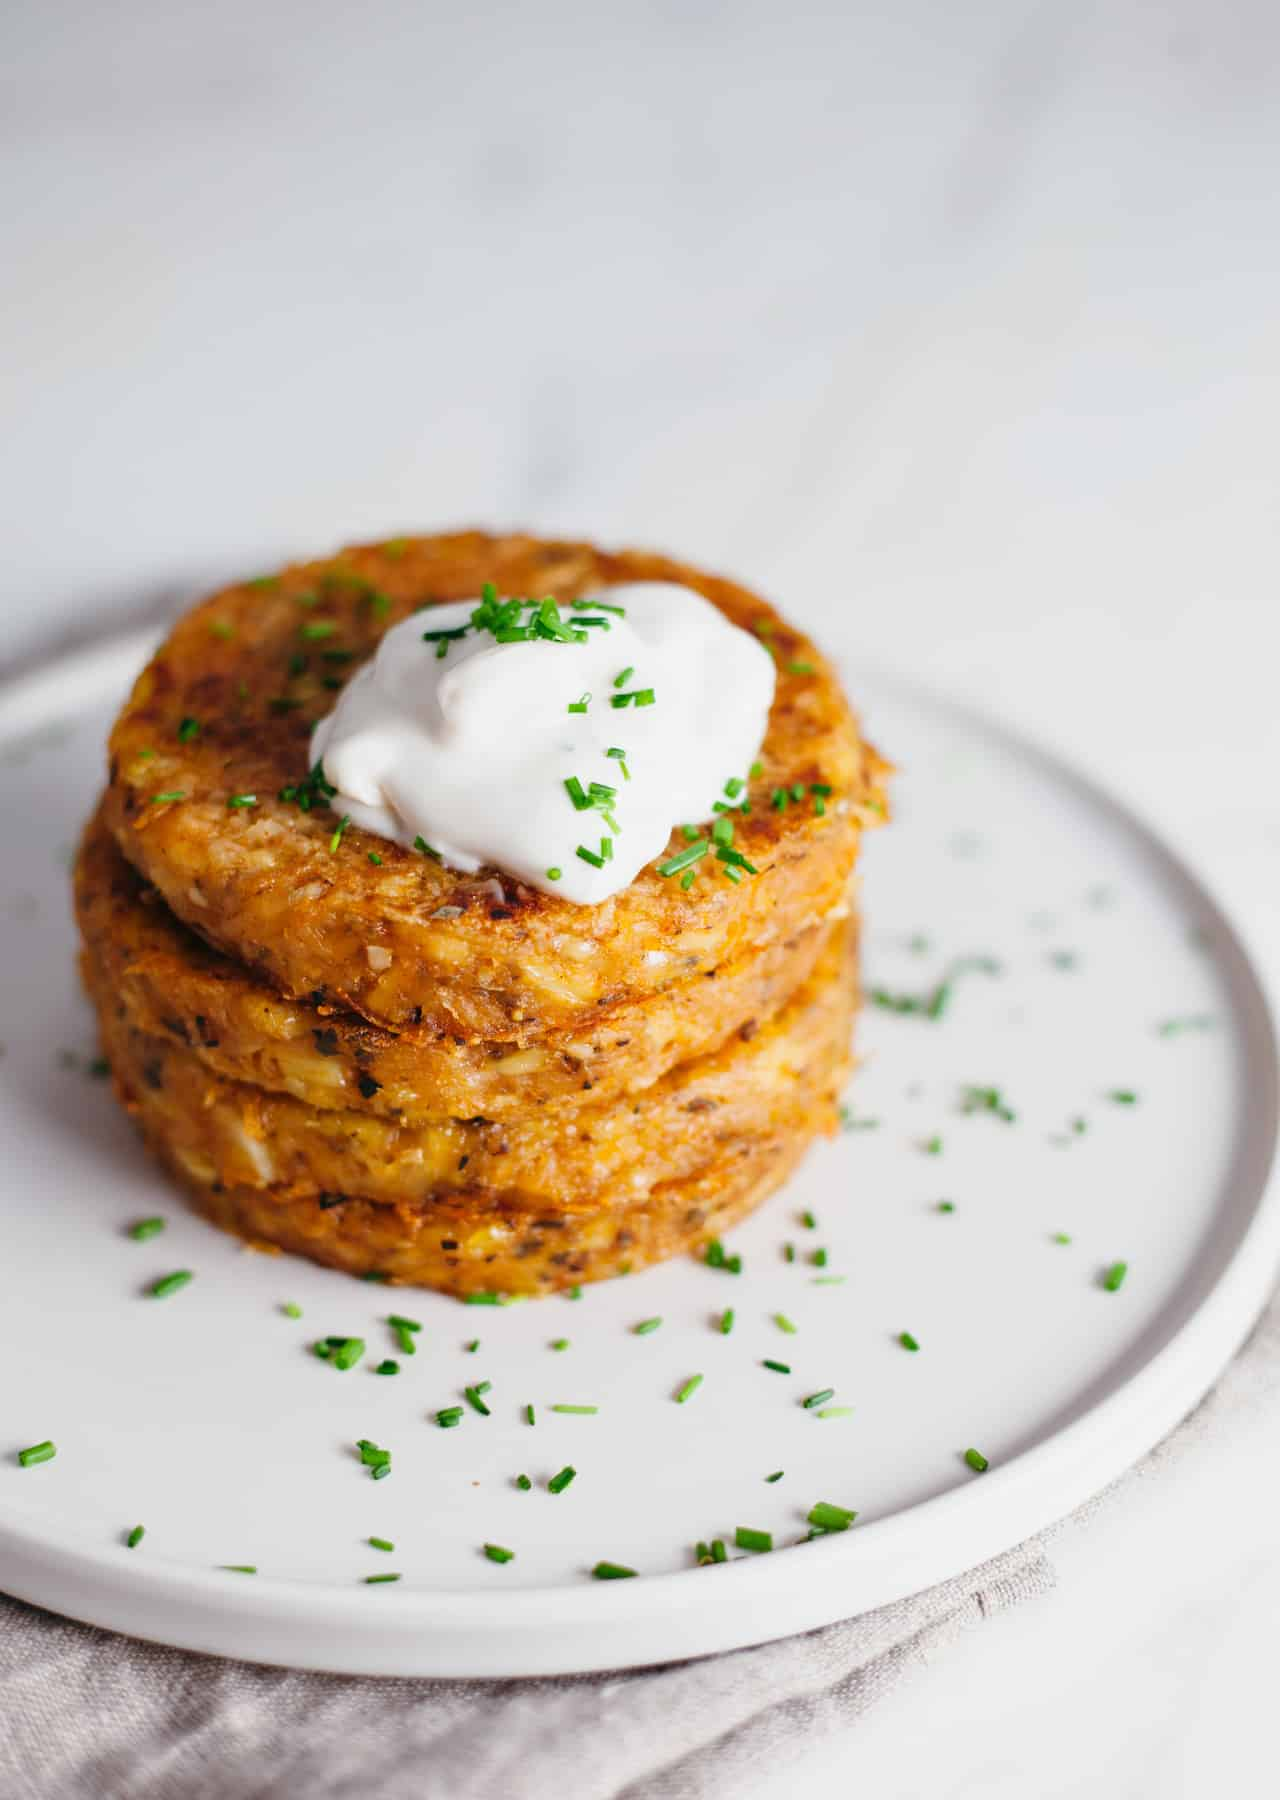 Vegan Hash Brown Recipe